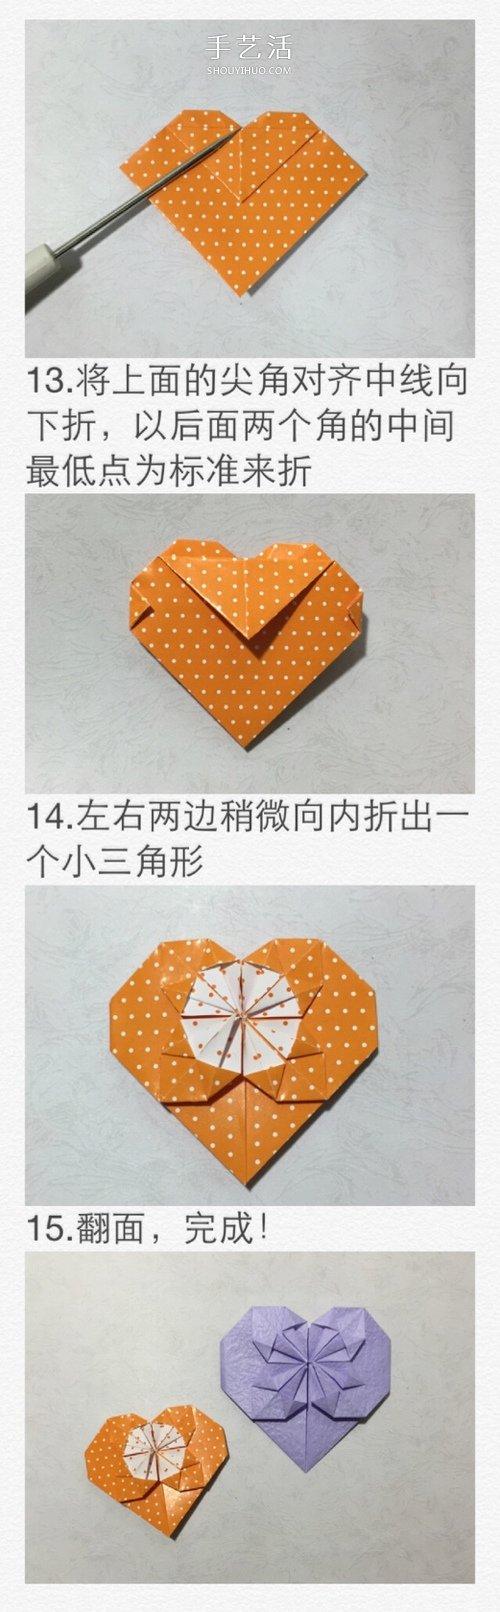 詳細摺紙教程:漂亮心花怒放的折法步驟圖解